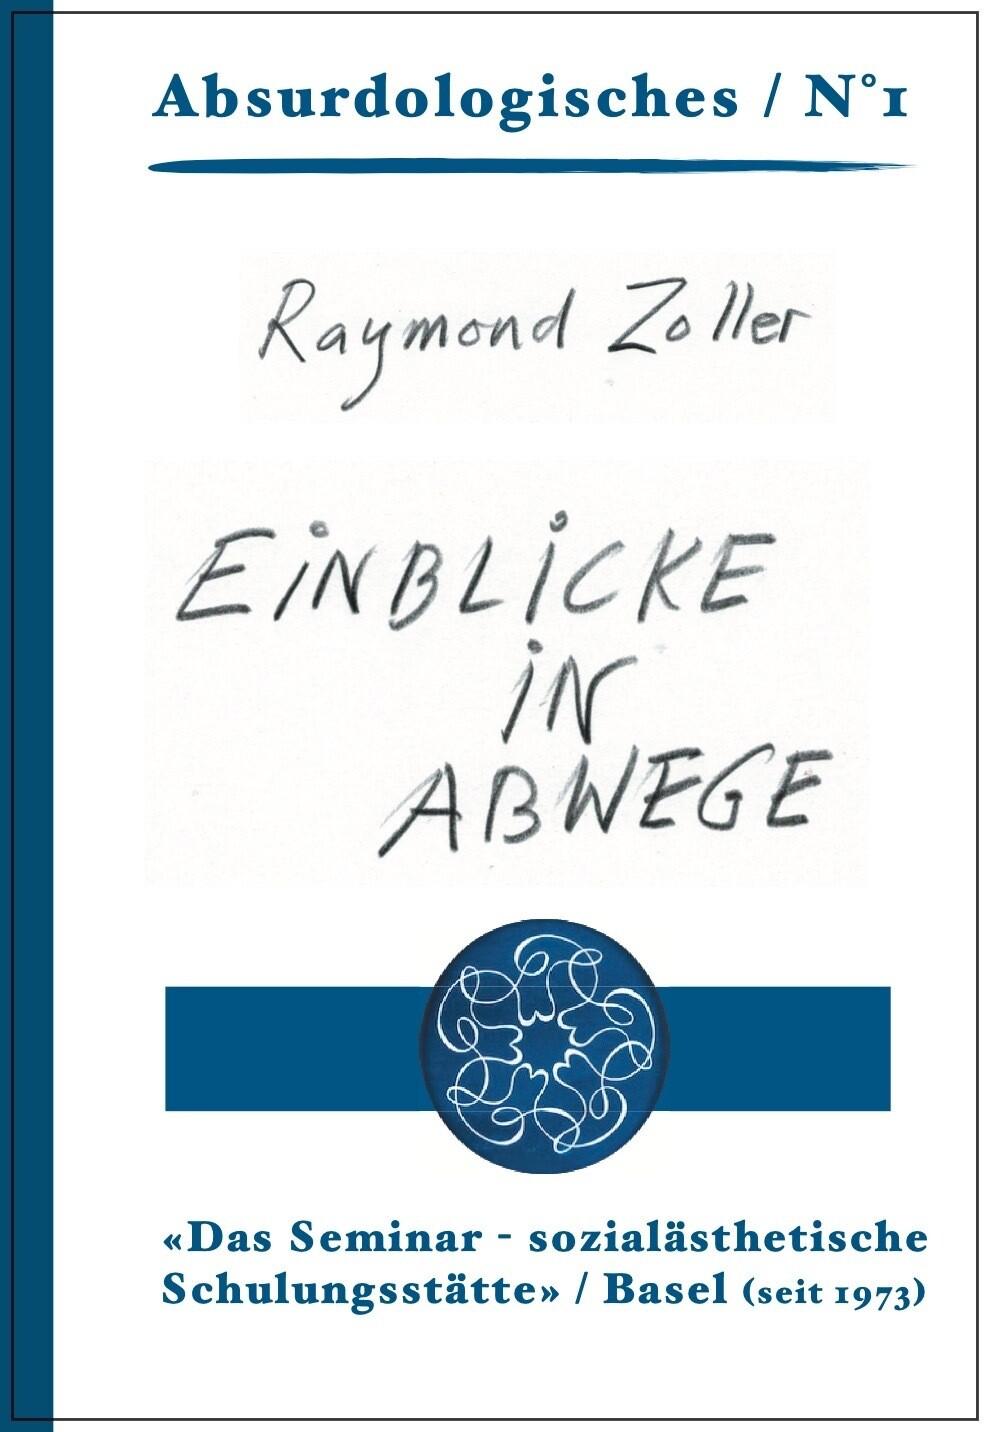 4| Raymond Zoller: Einblicke in Abwege